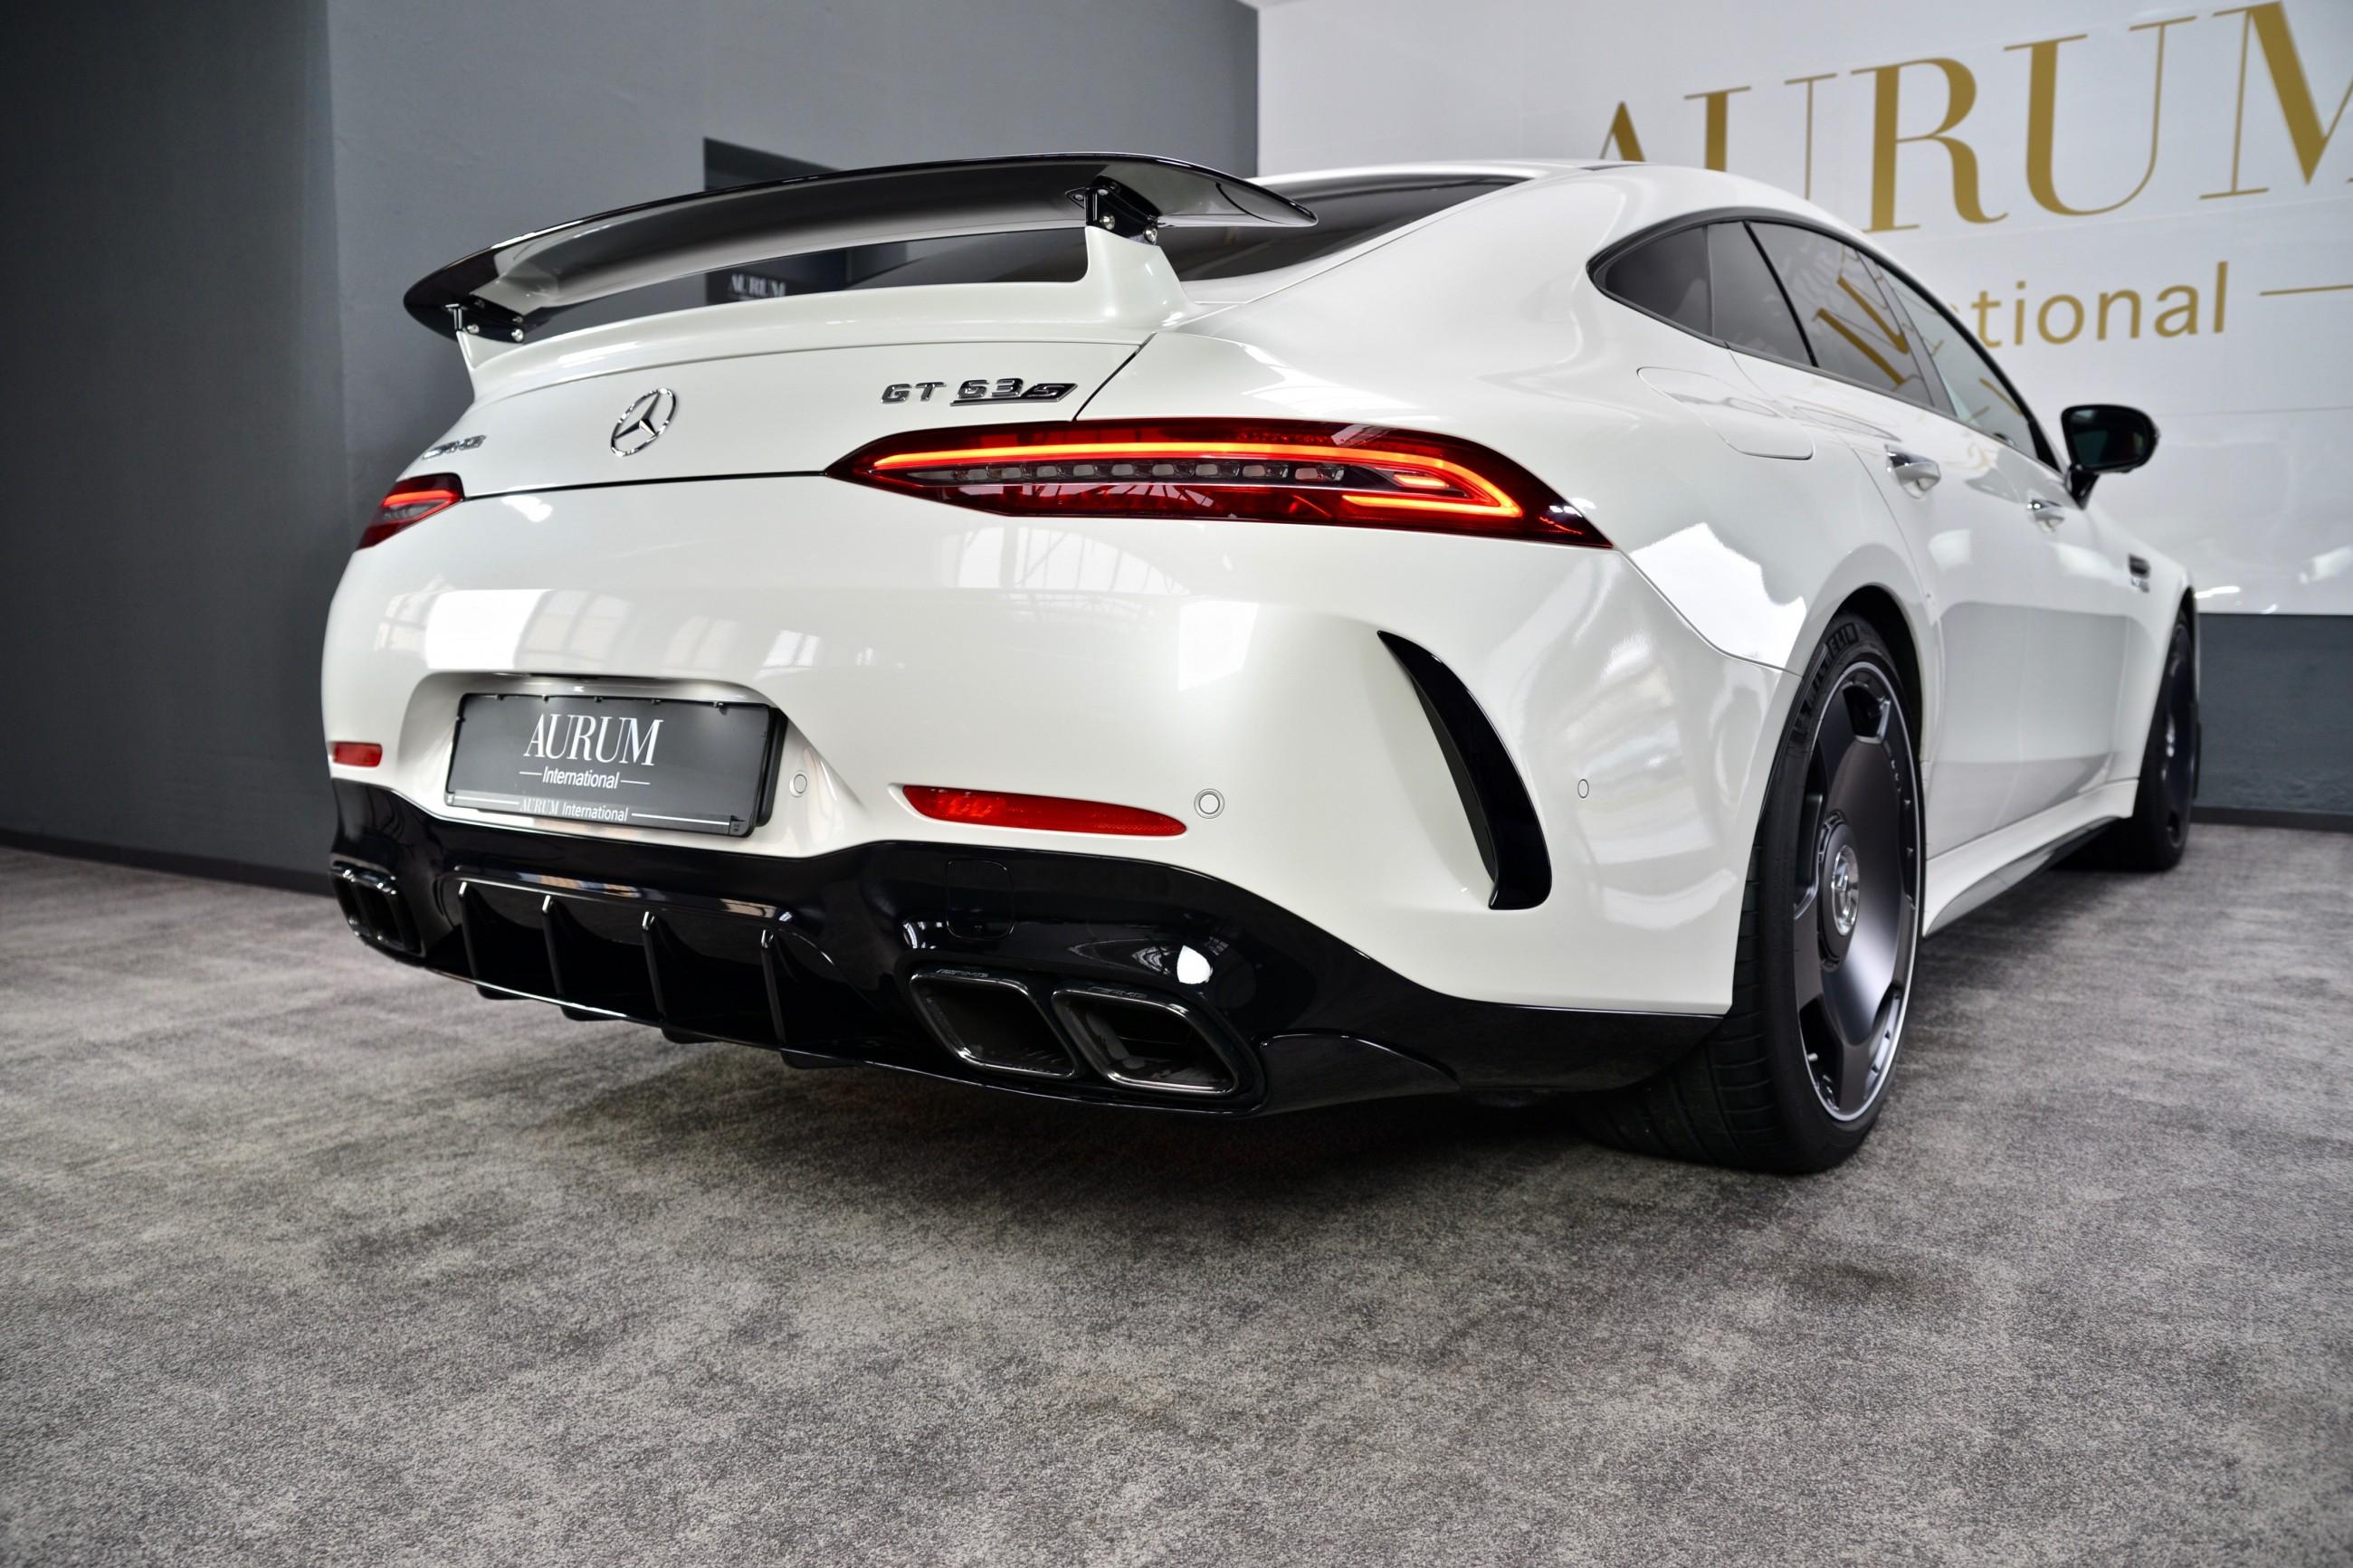 Mercedes-Benz AMG GT 63 S 4MATIC - AURUM International ...